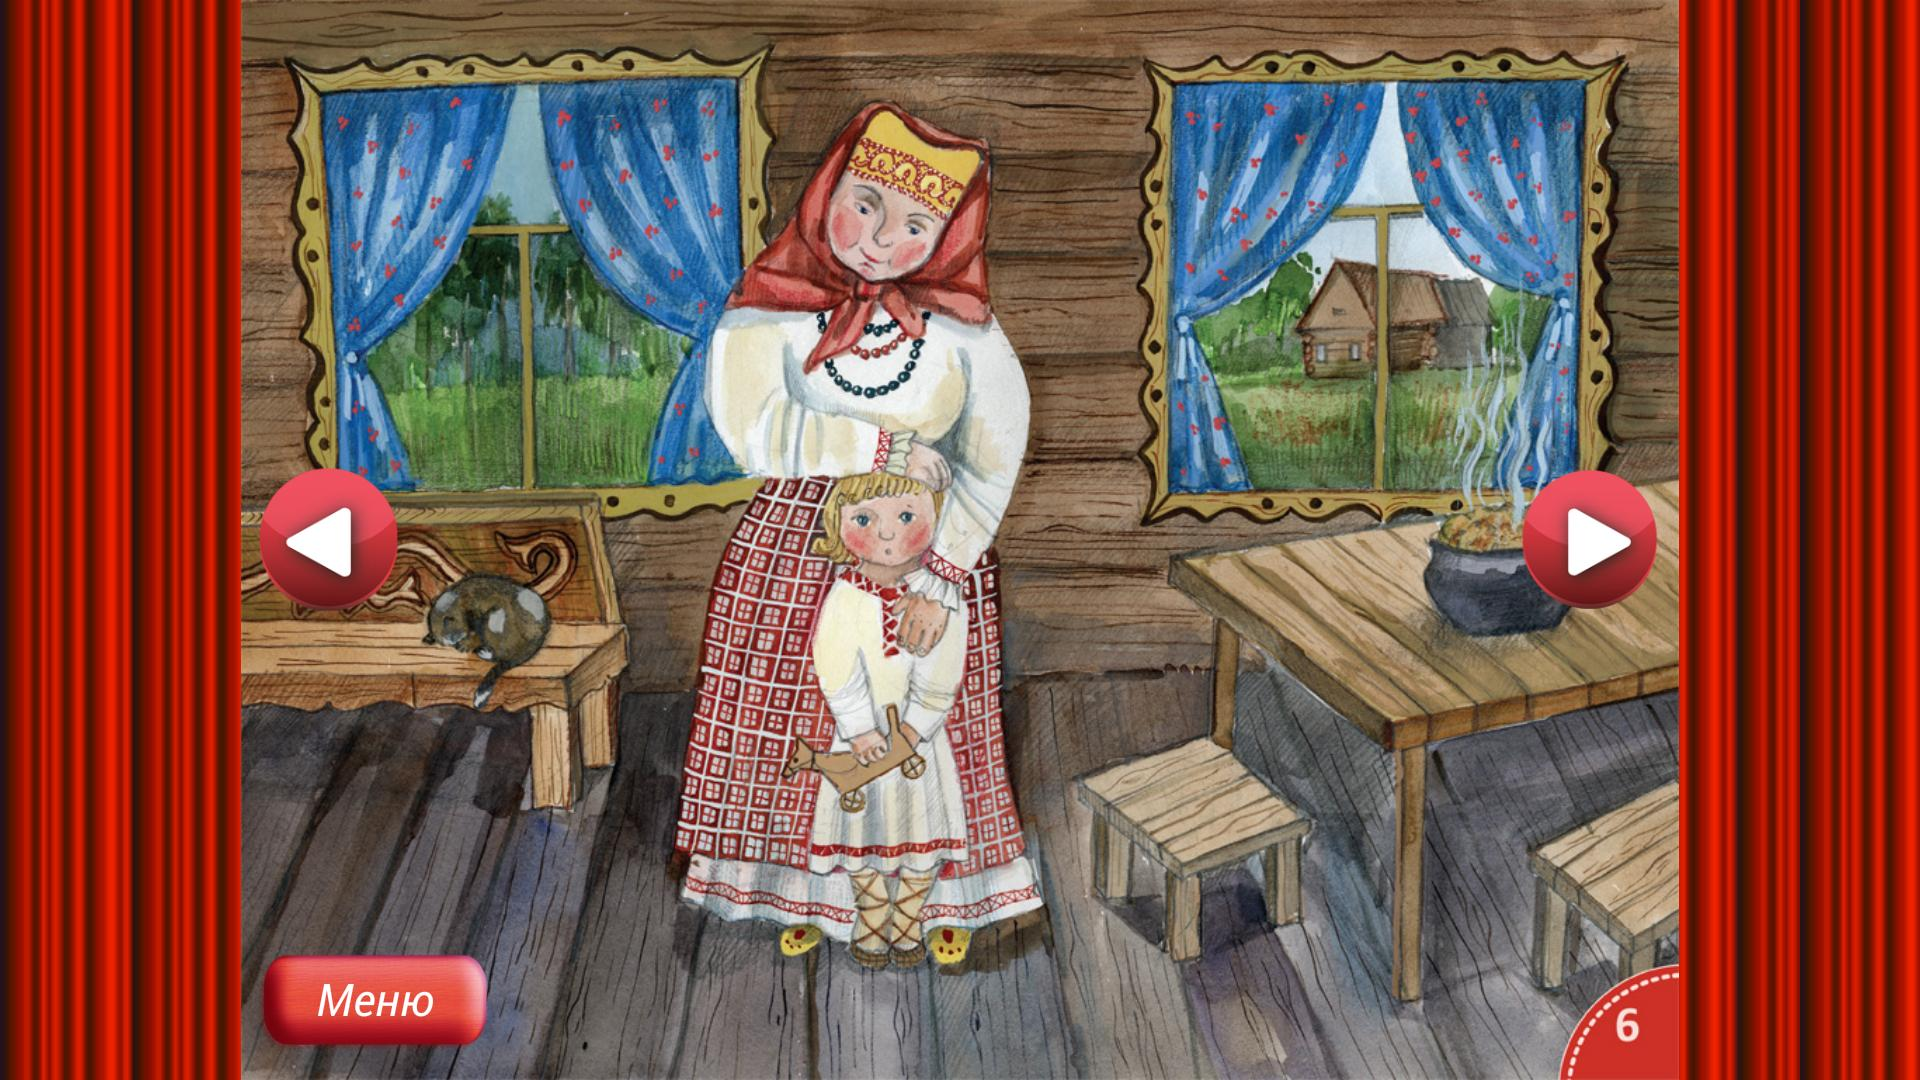 сегодняшний иллюстрации к сказке семилетка муж жена